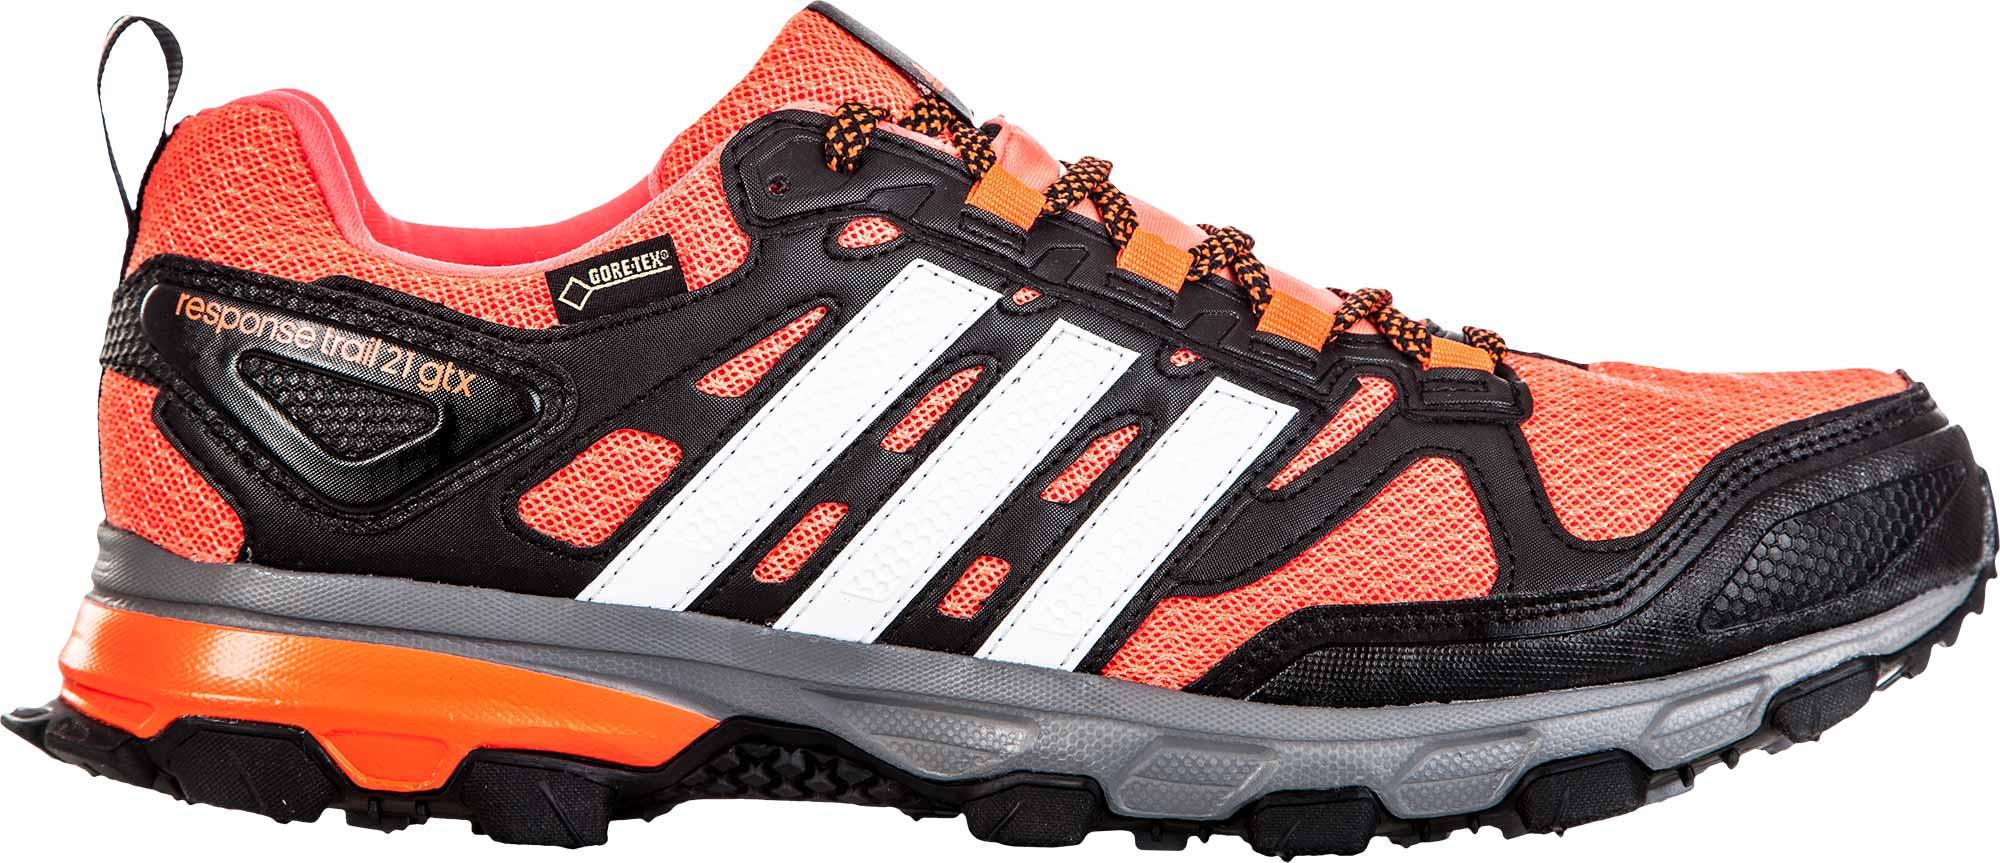 Bien educado reaccionar Andrew Halliday  adidas RESPONSE TRAIL 21 M GTX | sportisimo.com